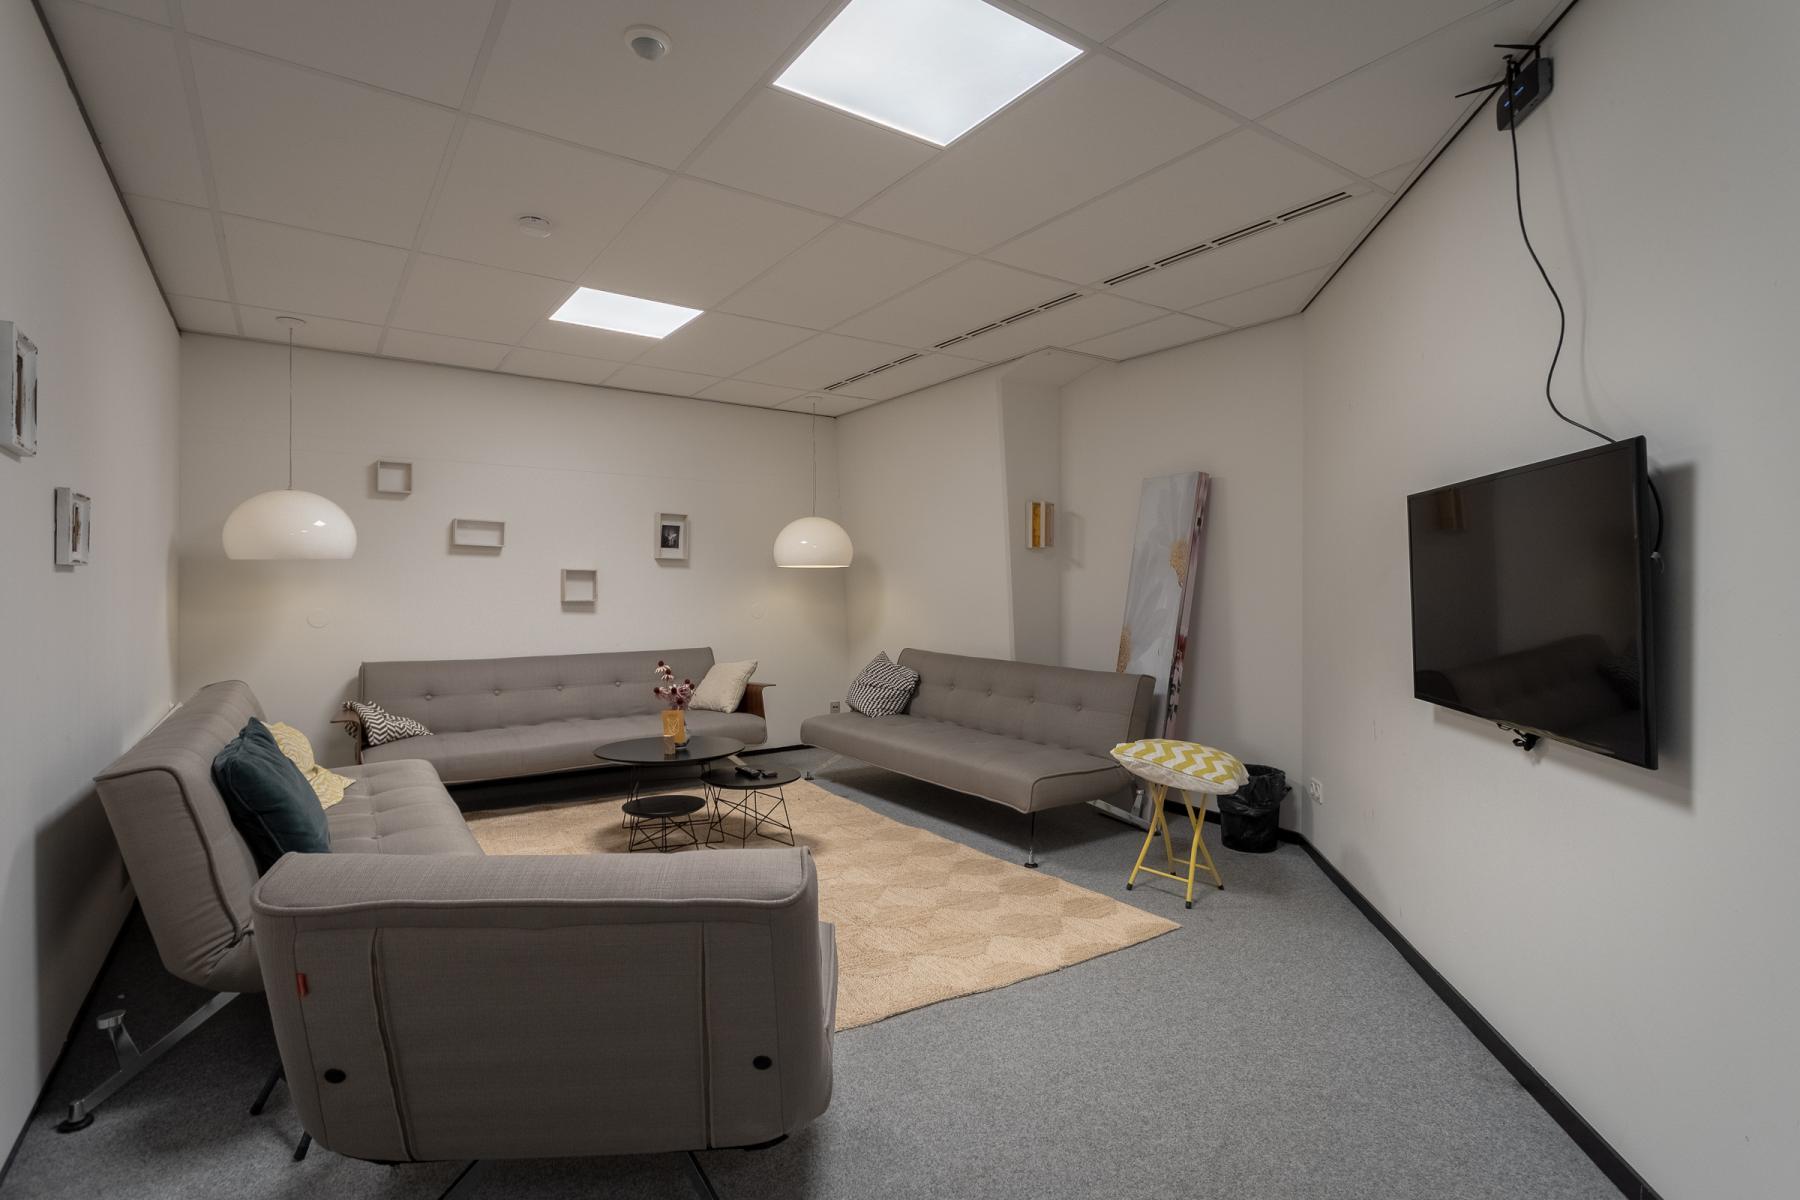 launch ruimte presentatie ruimte Arnhem kantoorruimte flexplekken werkplekken centraal gelegen goed bereikbaar